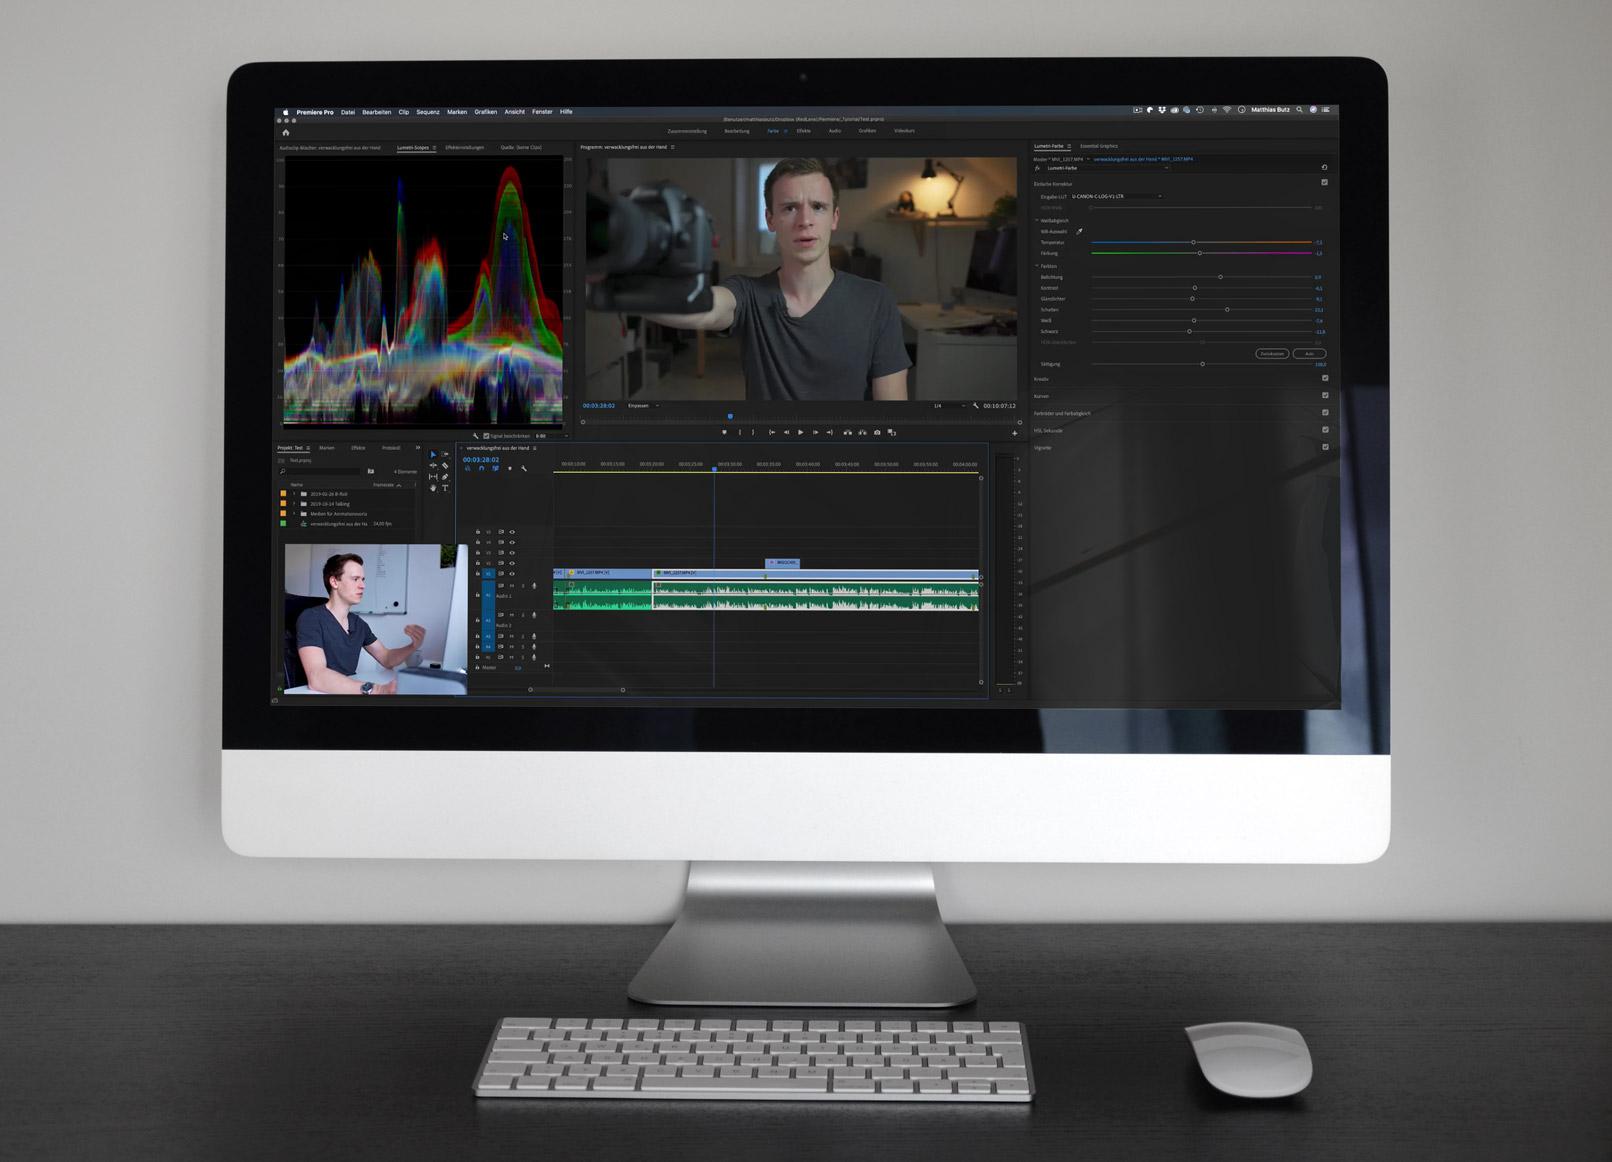 Videobearbeitung mit Adobe Premiere Pro CC, Ausschnitt aus dem Tutorial